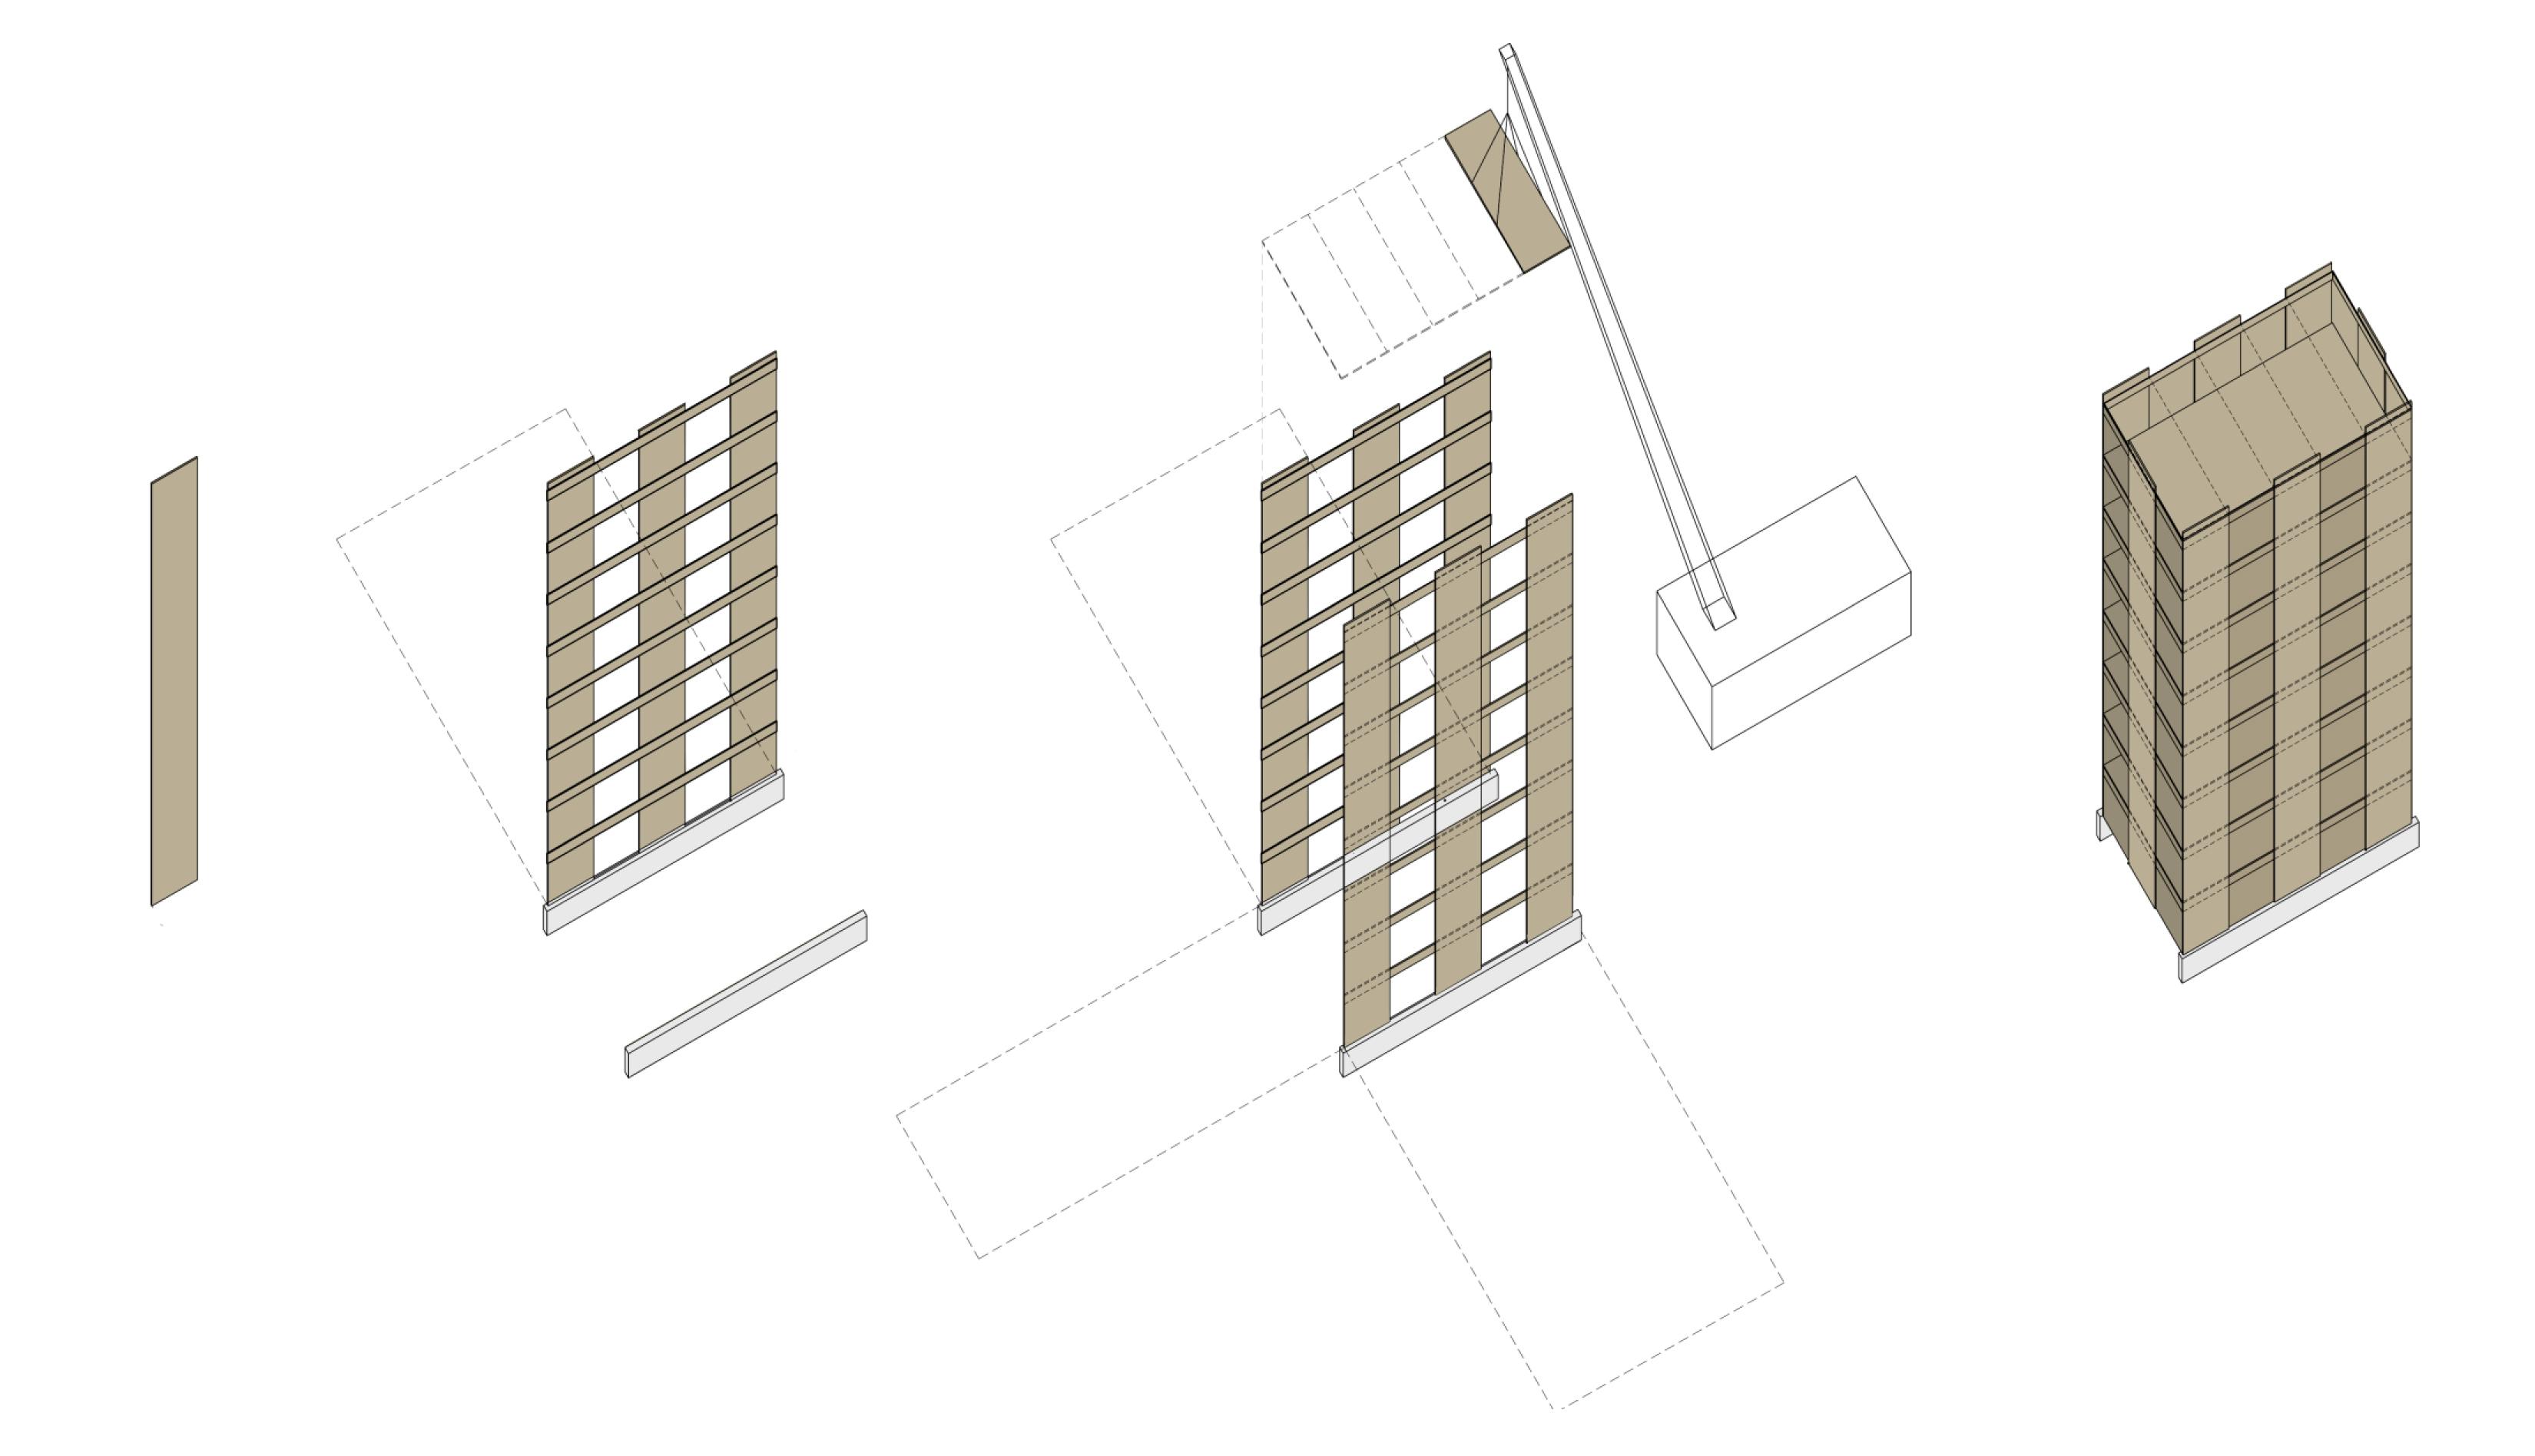 FFTT construction system